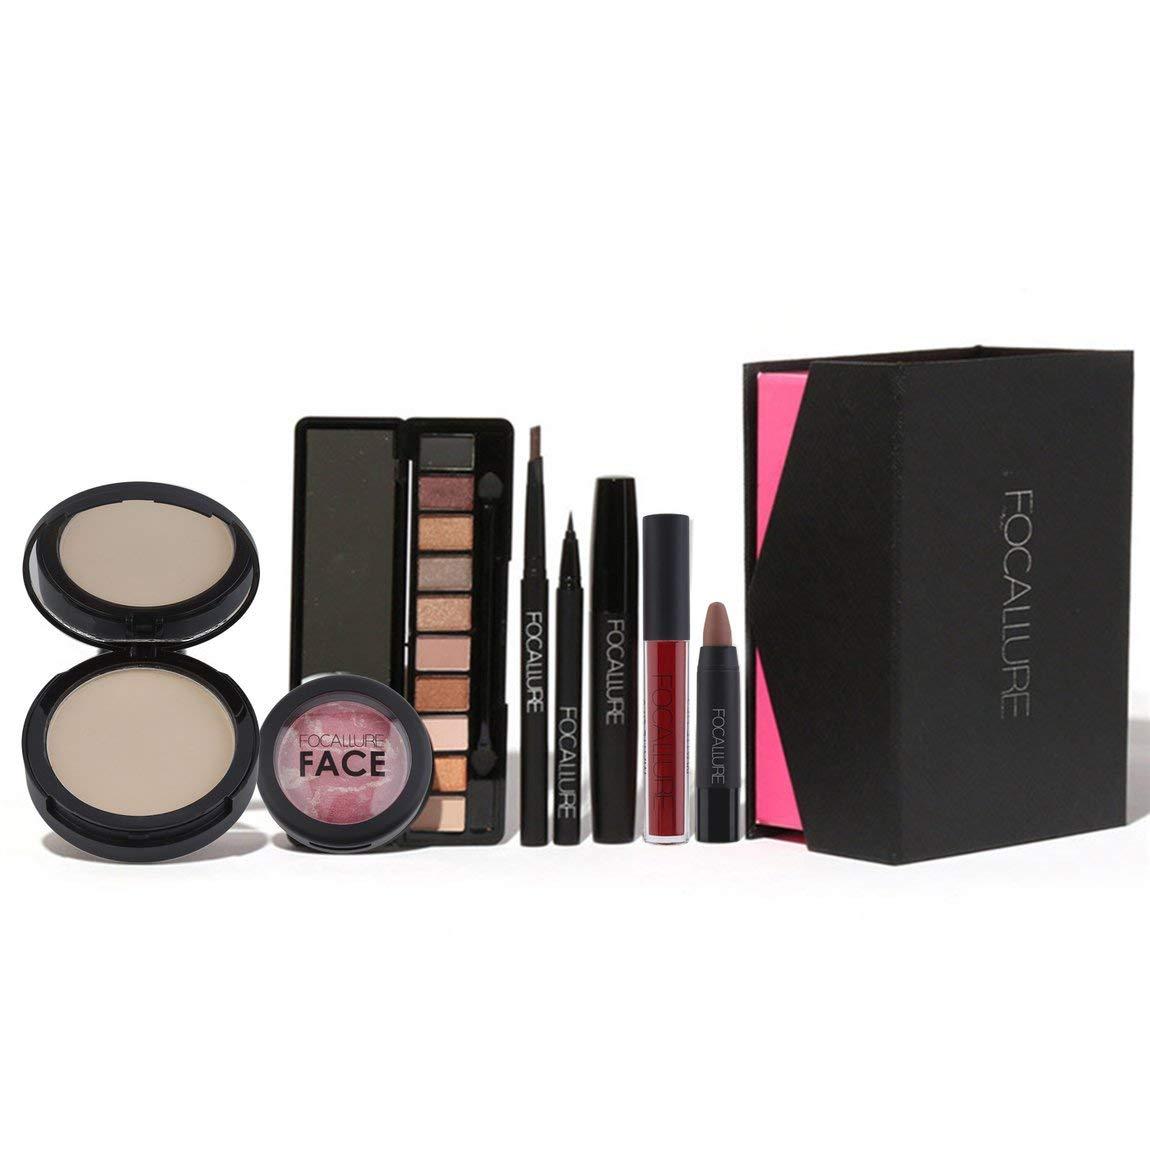 8 unids Maquillaje Herramienta Cosmética Browspens Eyeshadow Podwer Lip Eyeliner Máscara Blush Lip Set Brillante Esencial Para Principiantes SeniorMar